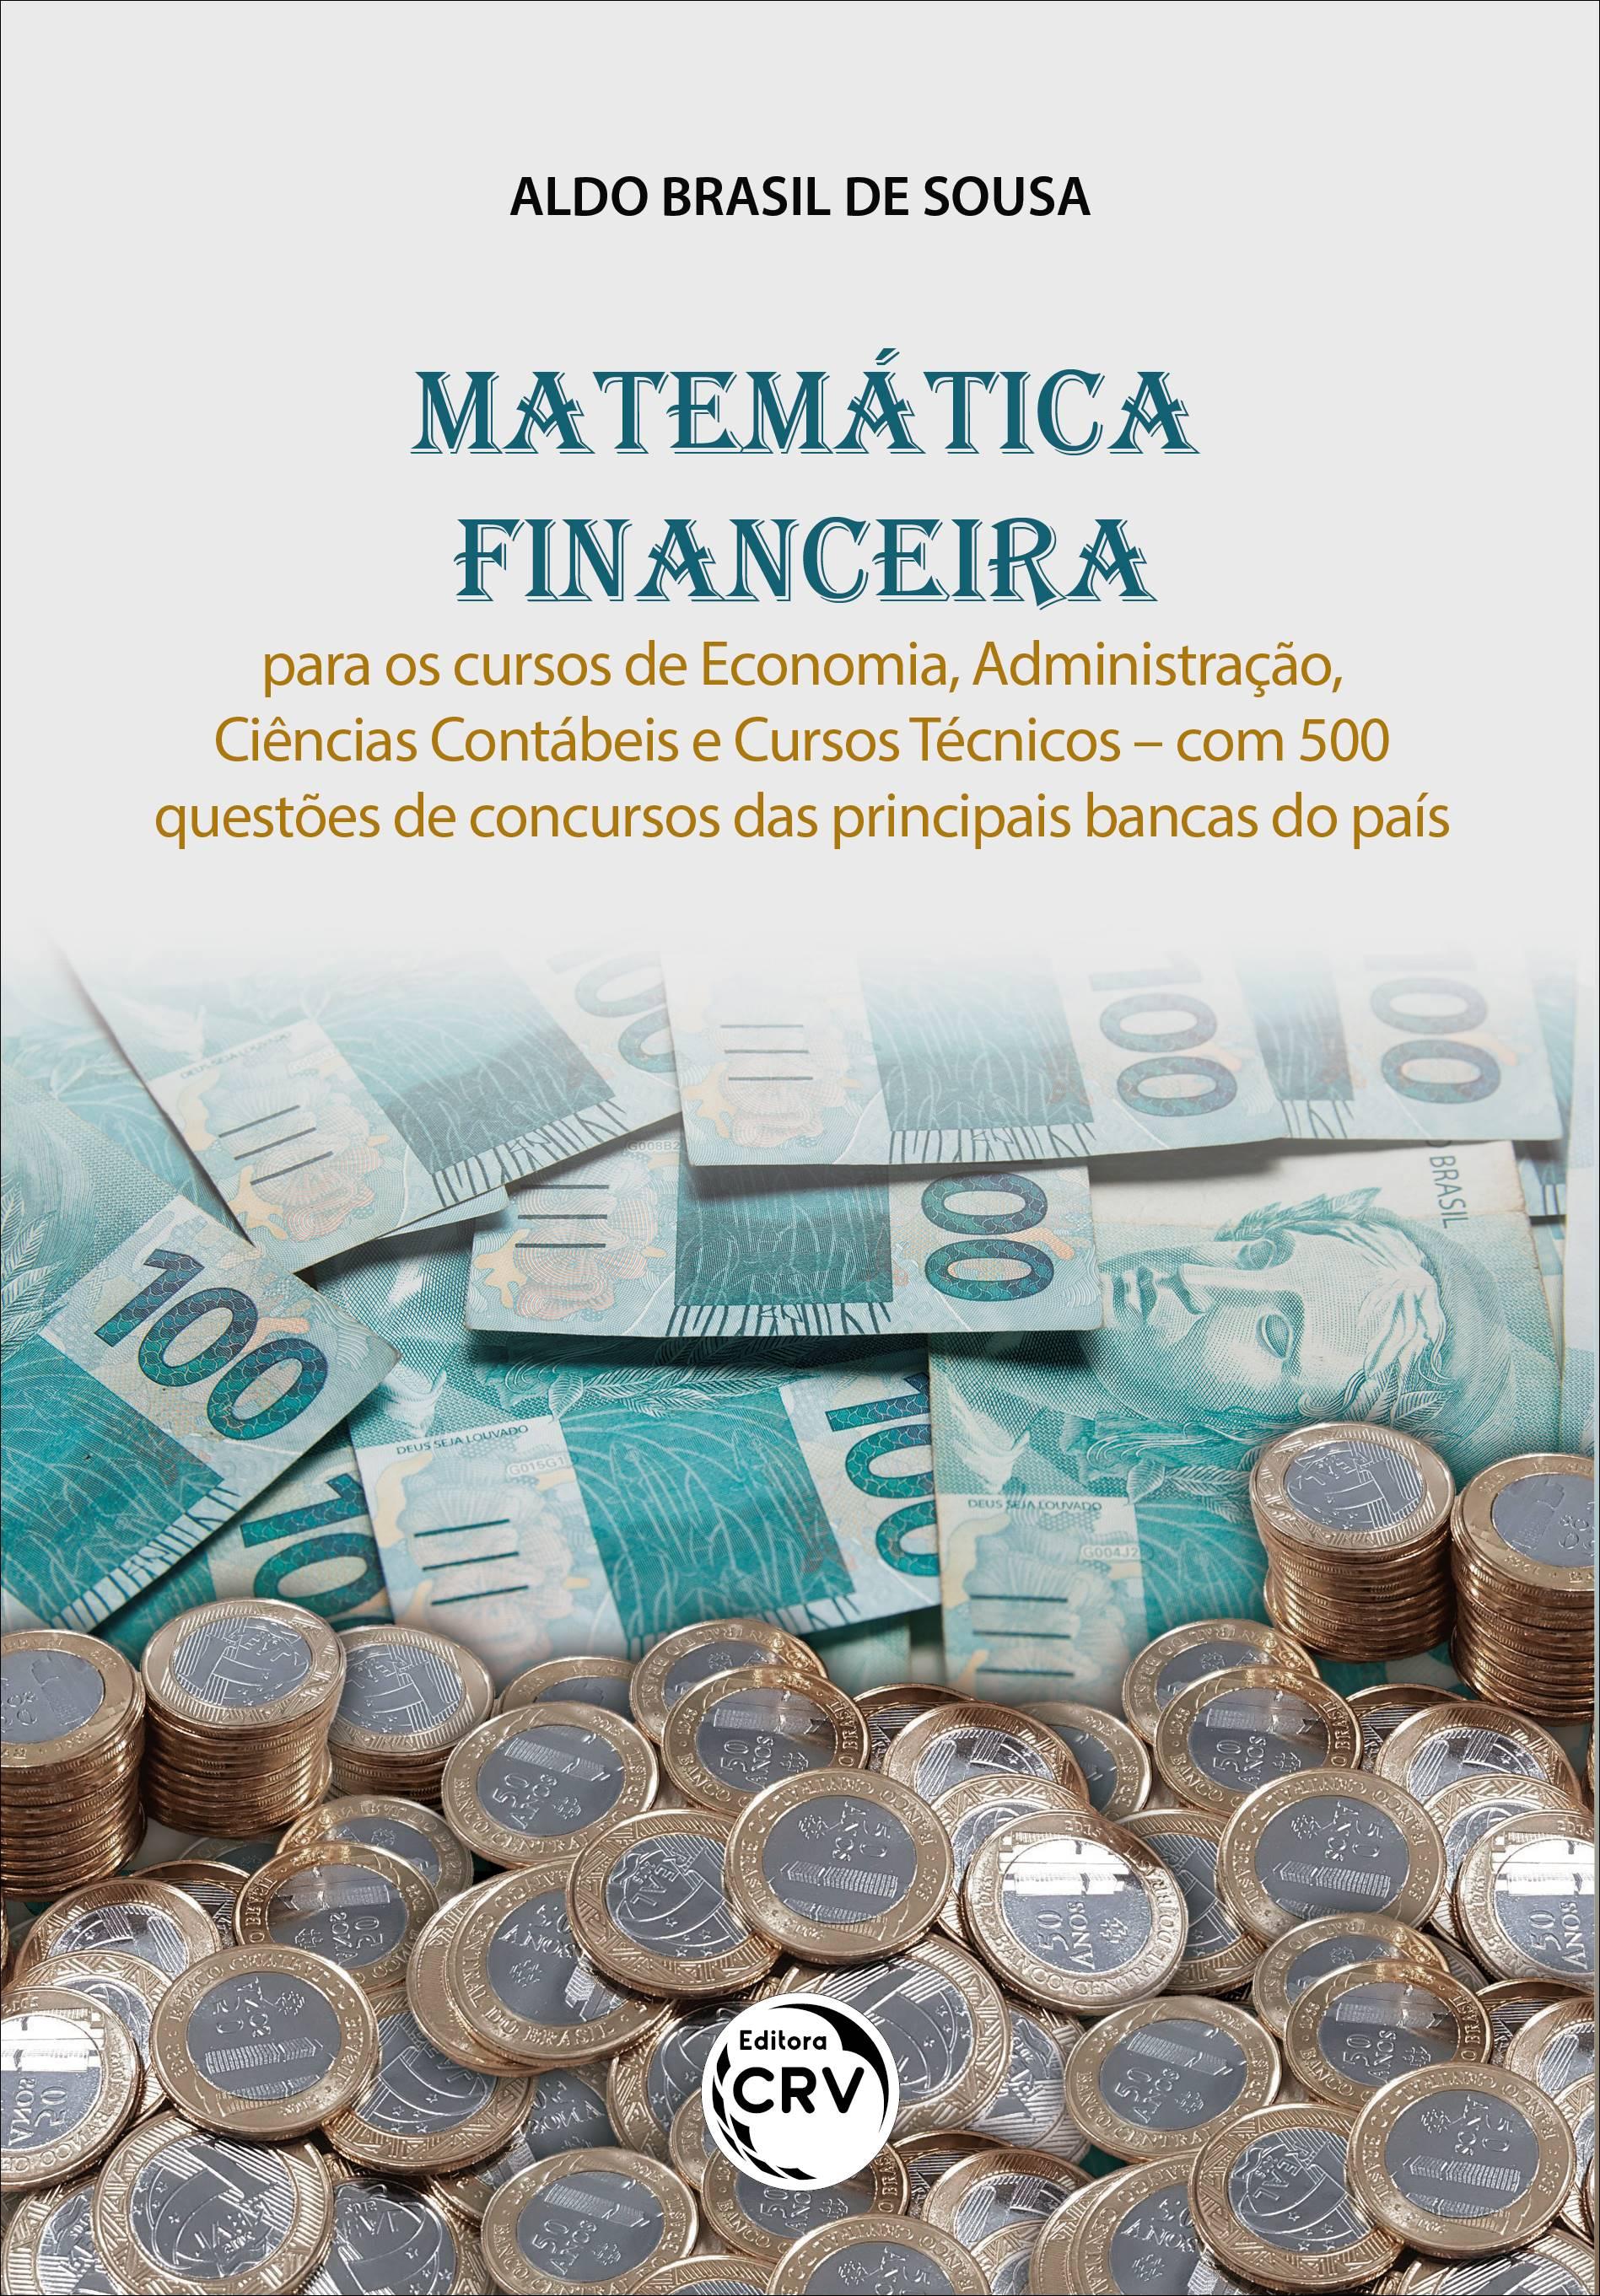 Capa do livro: MATEMÁTICA FINANCEIRA:<br> para os cursos de Economia, Administração, Ciências Contábeis e Cursos Técnicos – com 500 questões de concursos das principais bancas do país